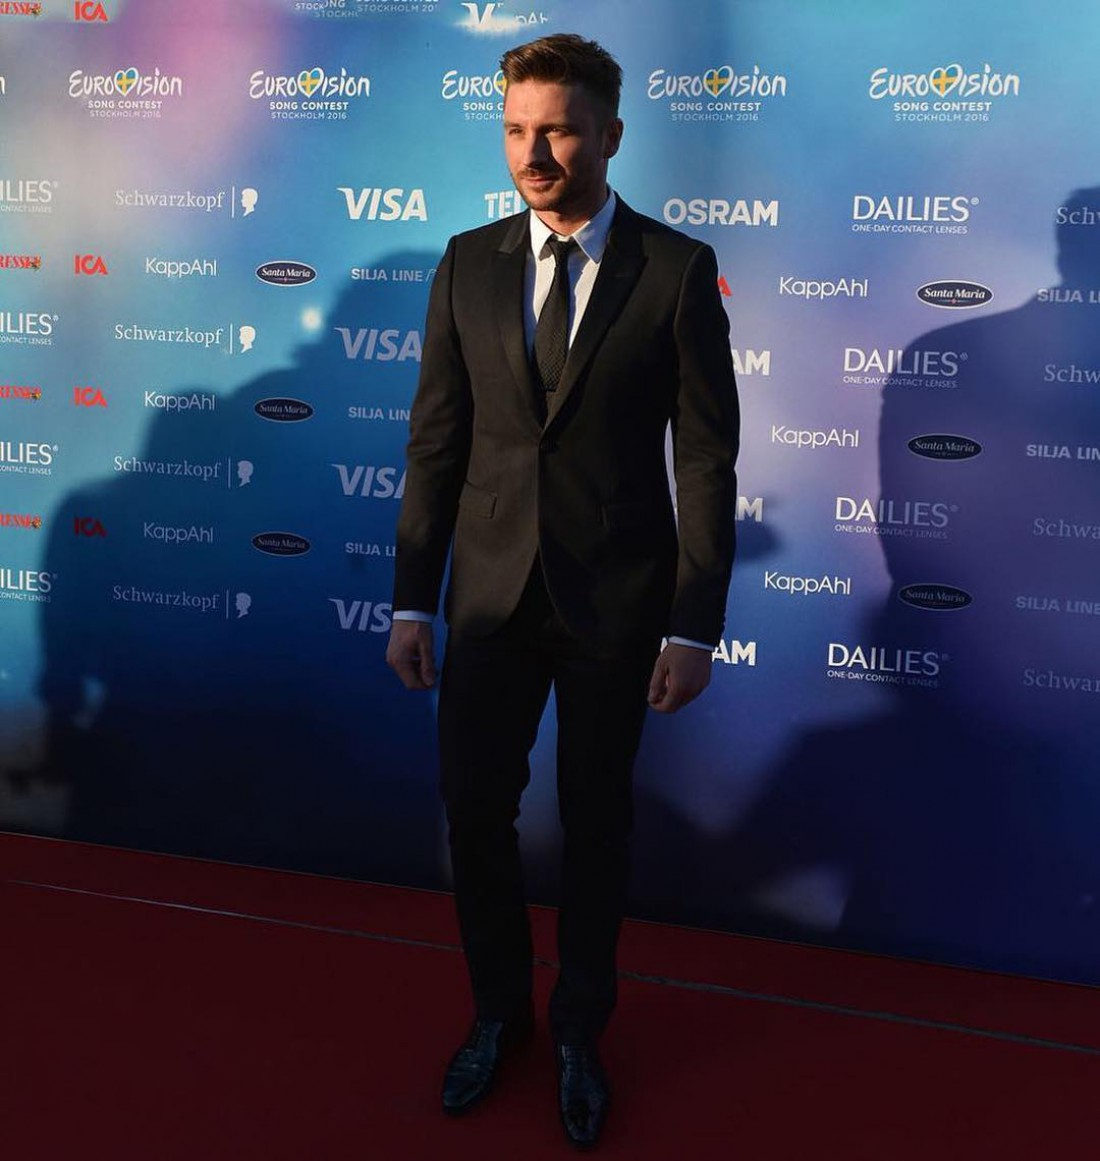 Евровидение 2016 Сергей Лазарев